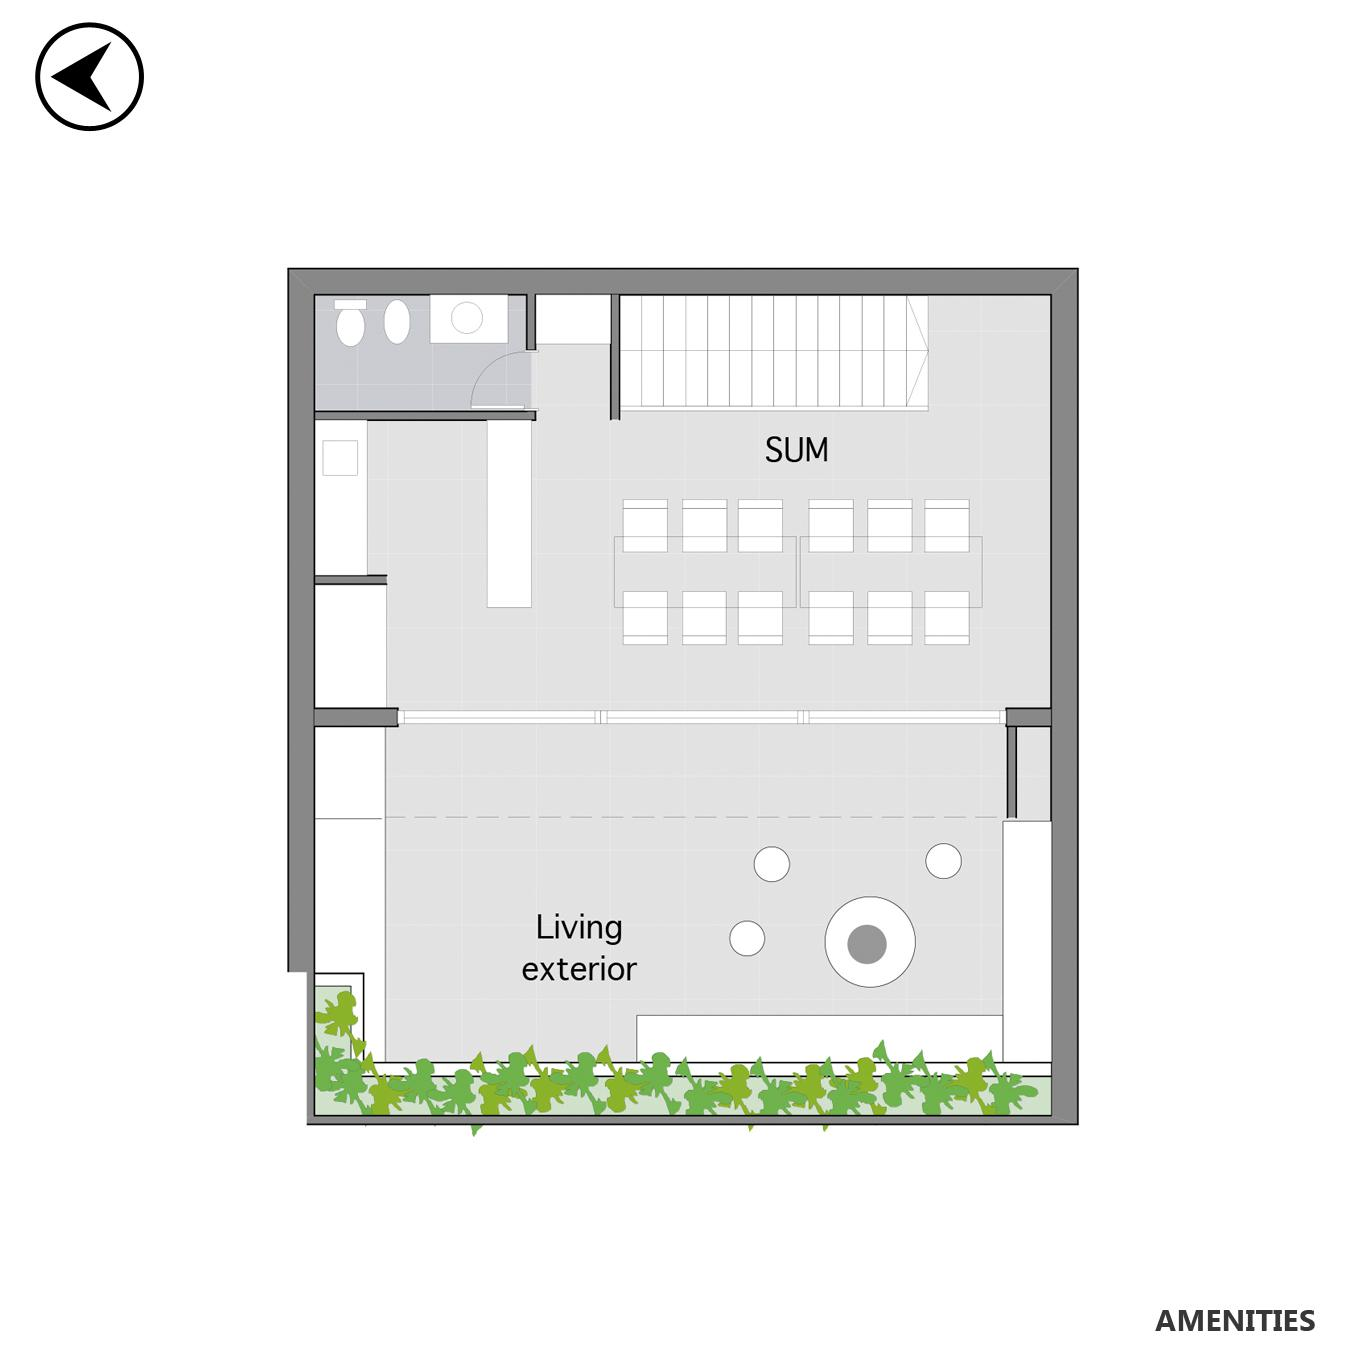 Venta departamento 1 dormitorio Rosario, Martin. Cod CBU24537 AP2285291. Crestale Propiedades